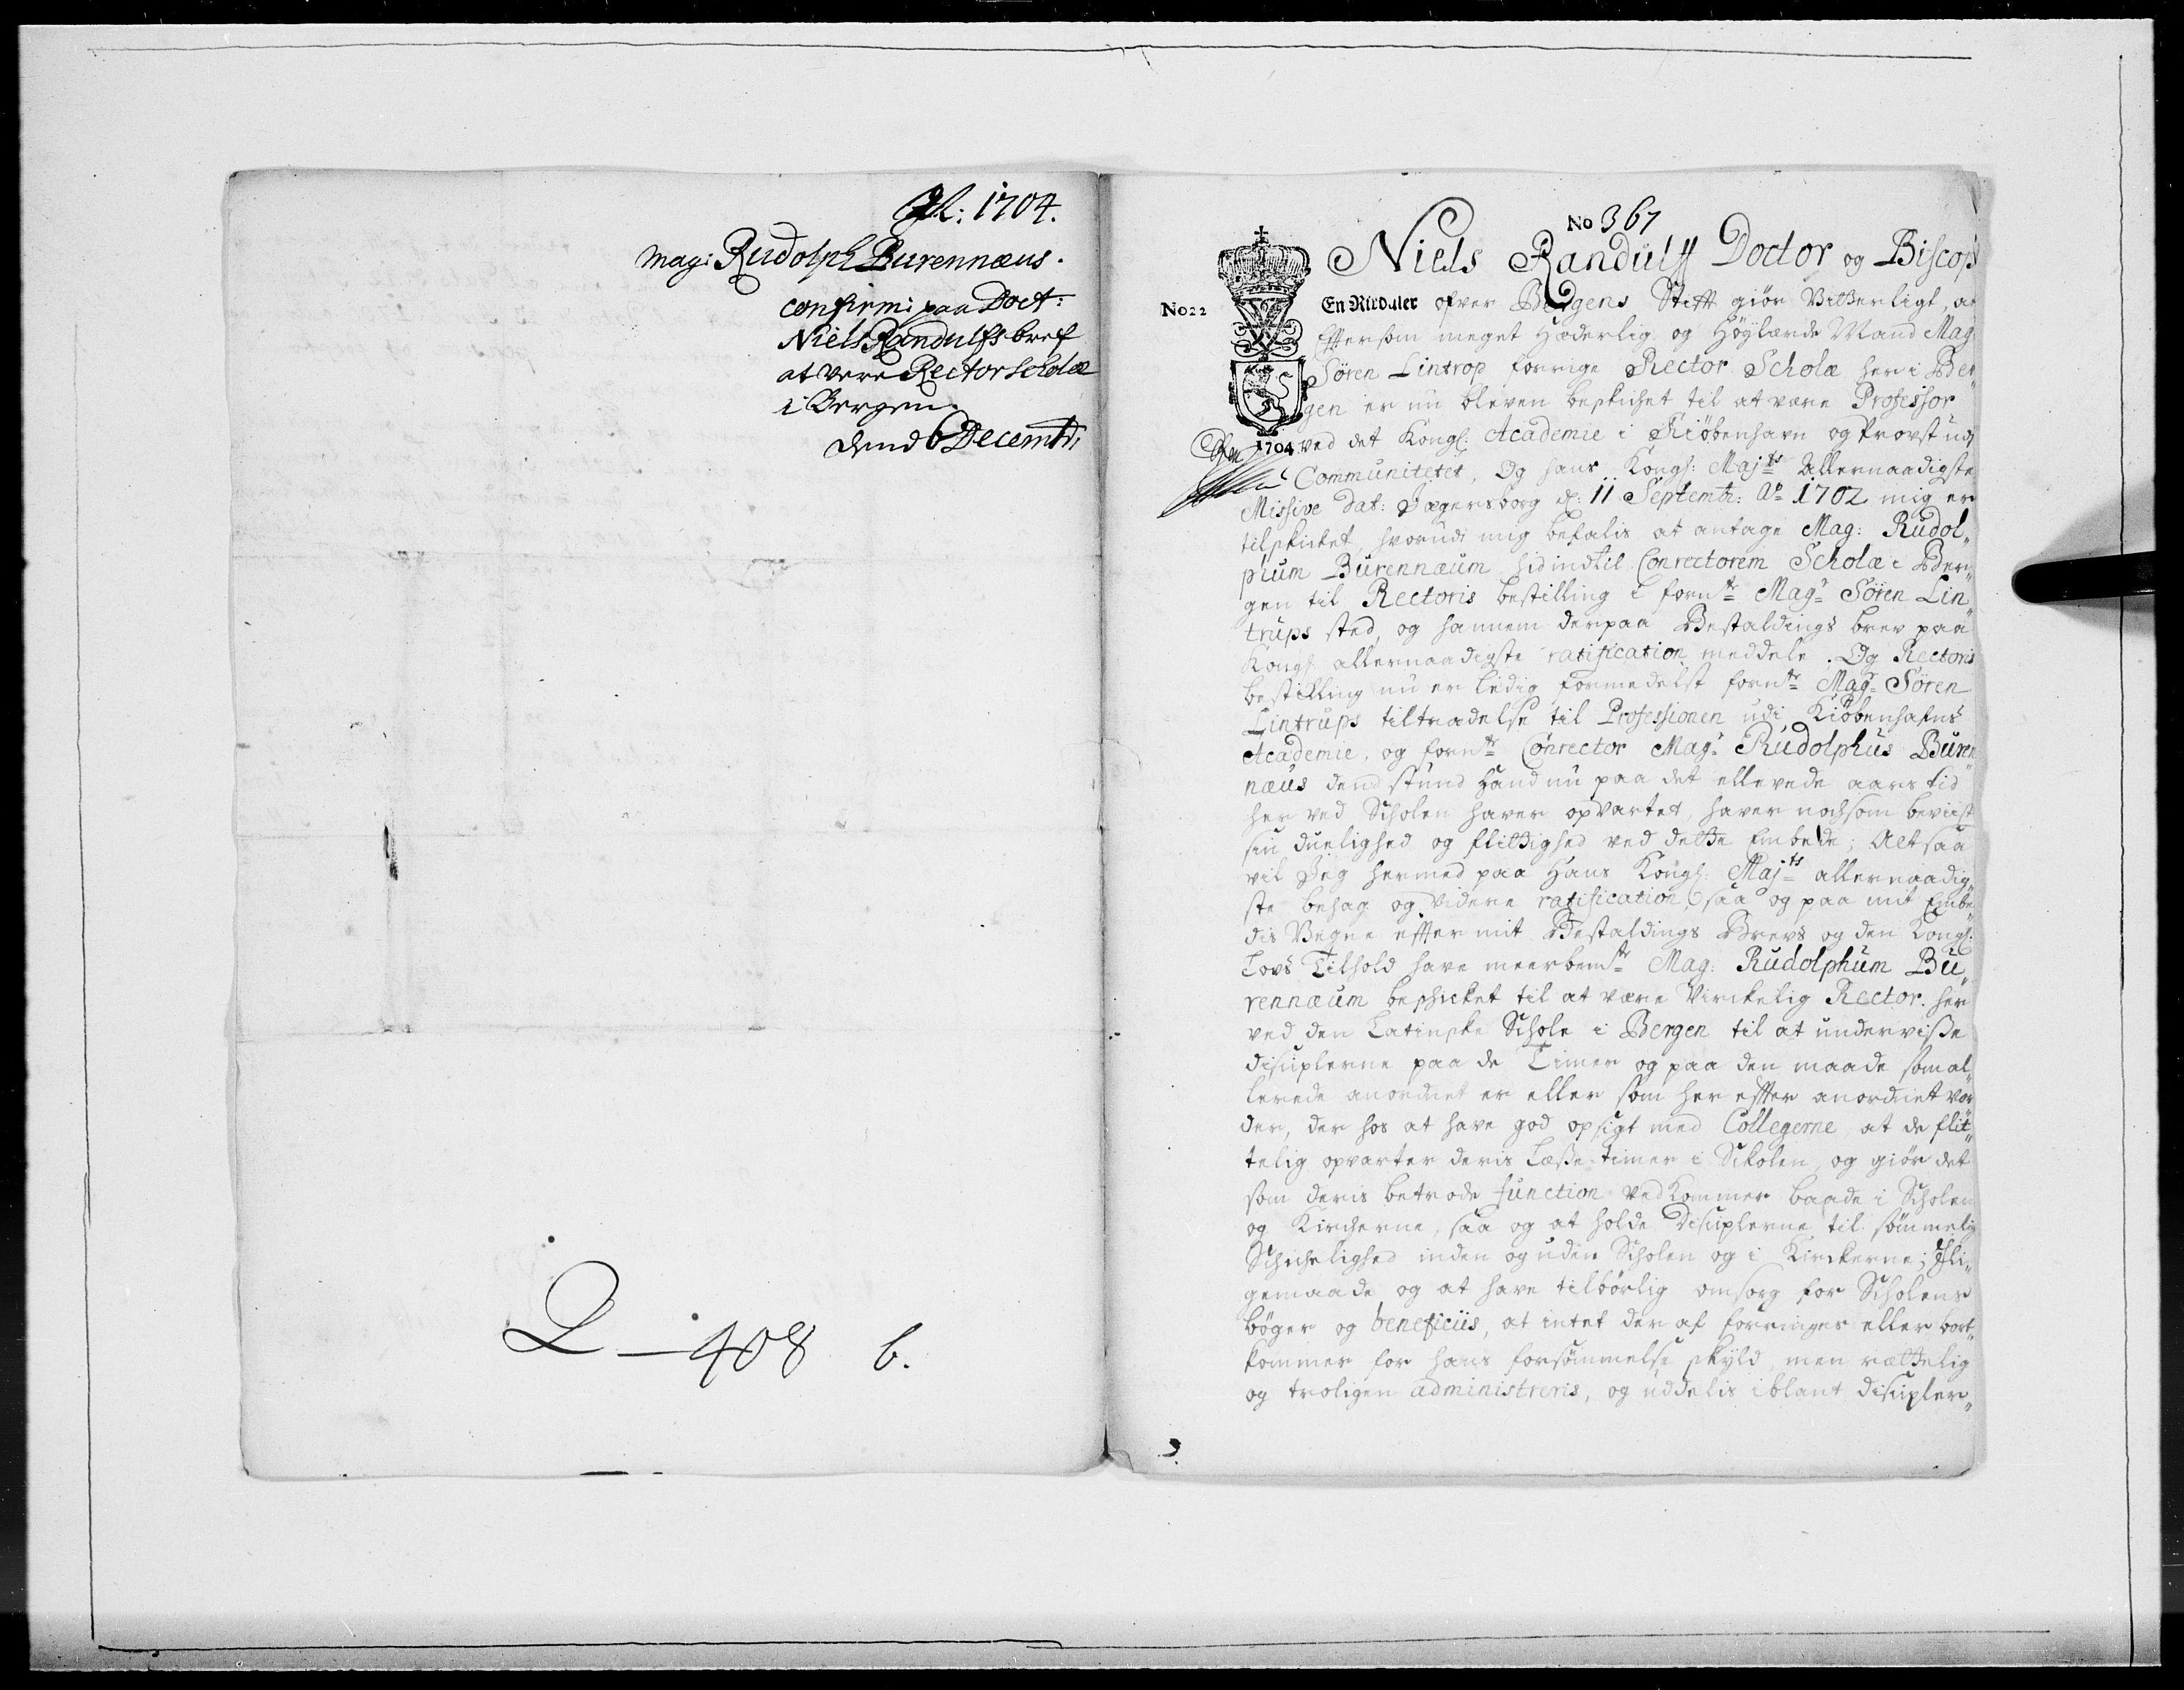 RA, Danske Kanselli 1572-1799, F/Fc/Fcc/Fcca/L0057: Norske innlegg 1572-1799, 1704, s. 499